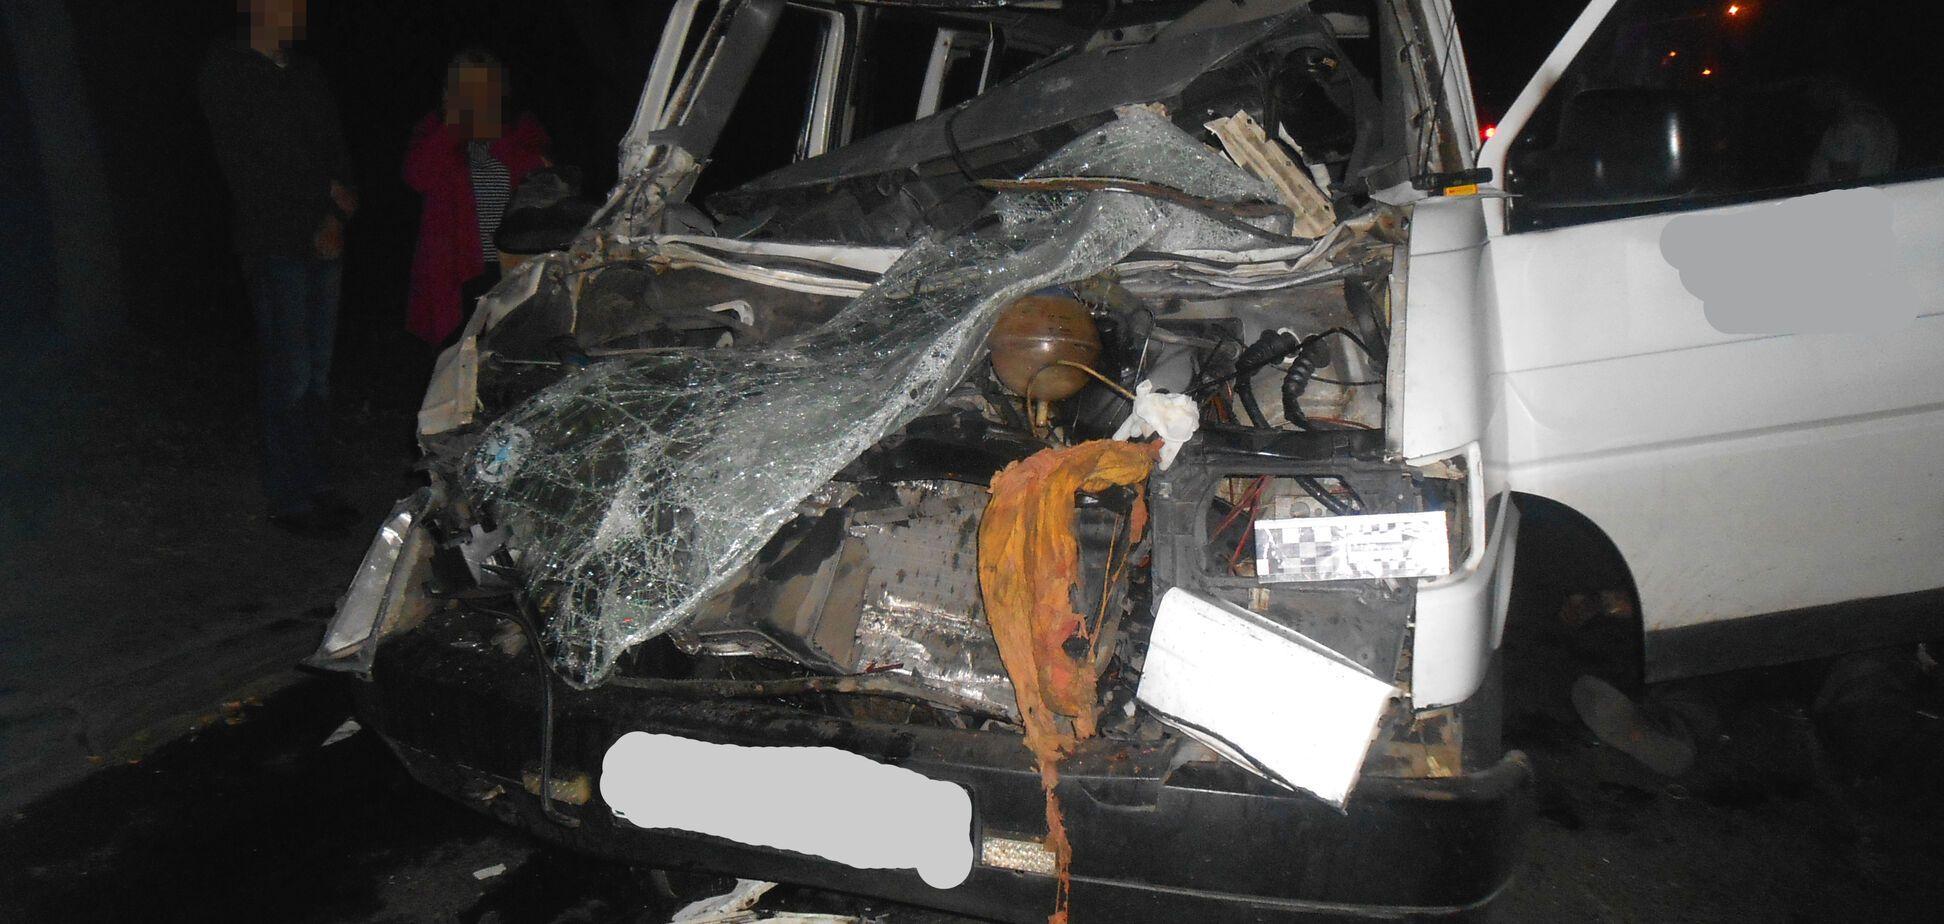 Військові України потрапили в смертельну аварію в Рівному